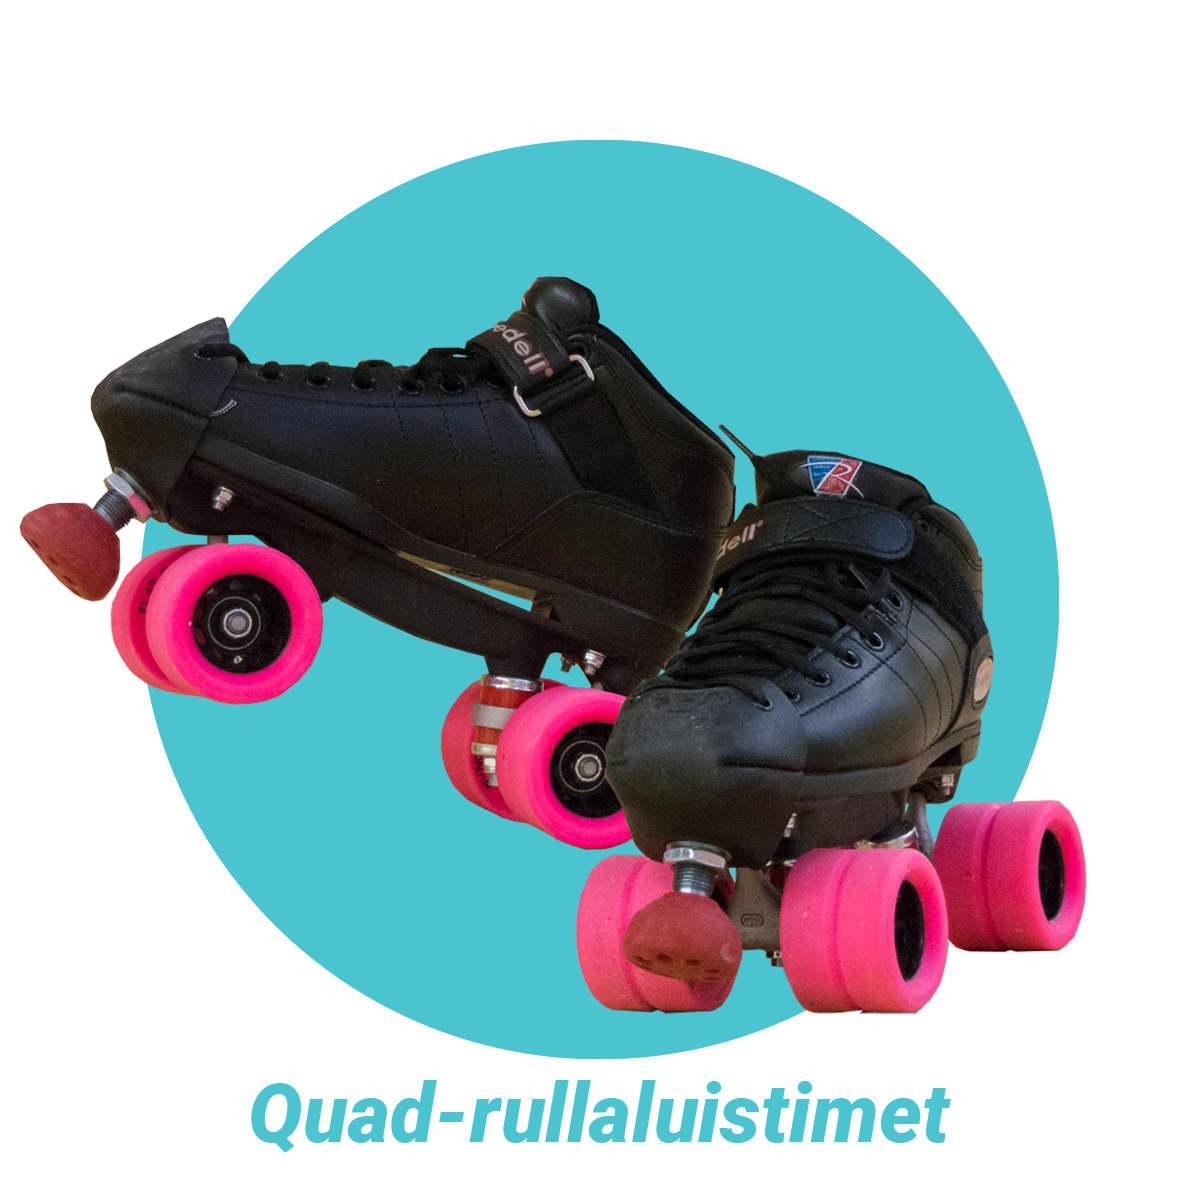 Quad-rullaluistimet